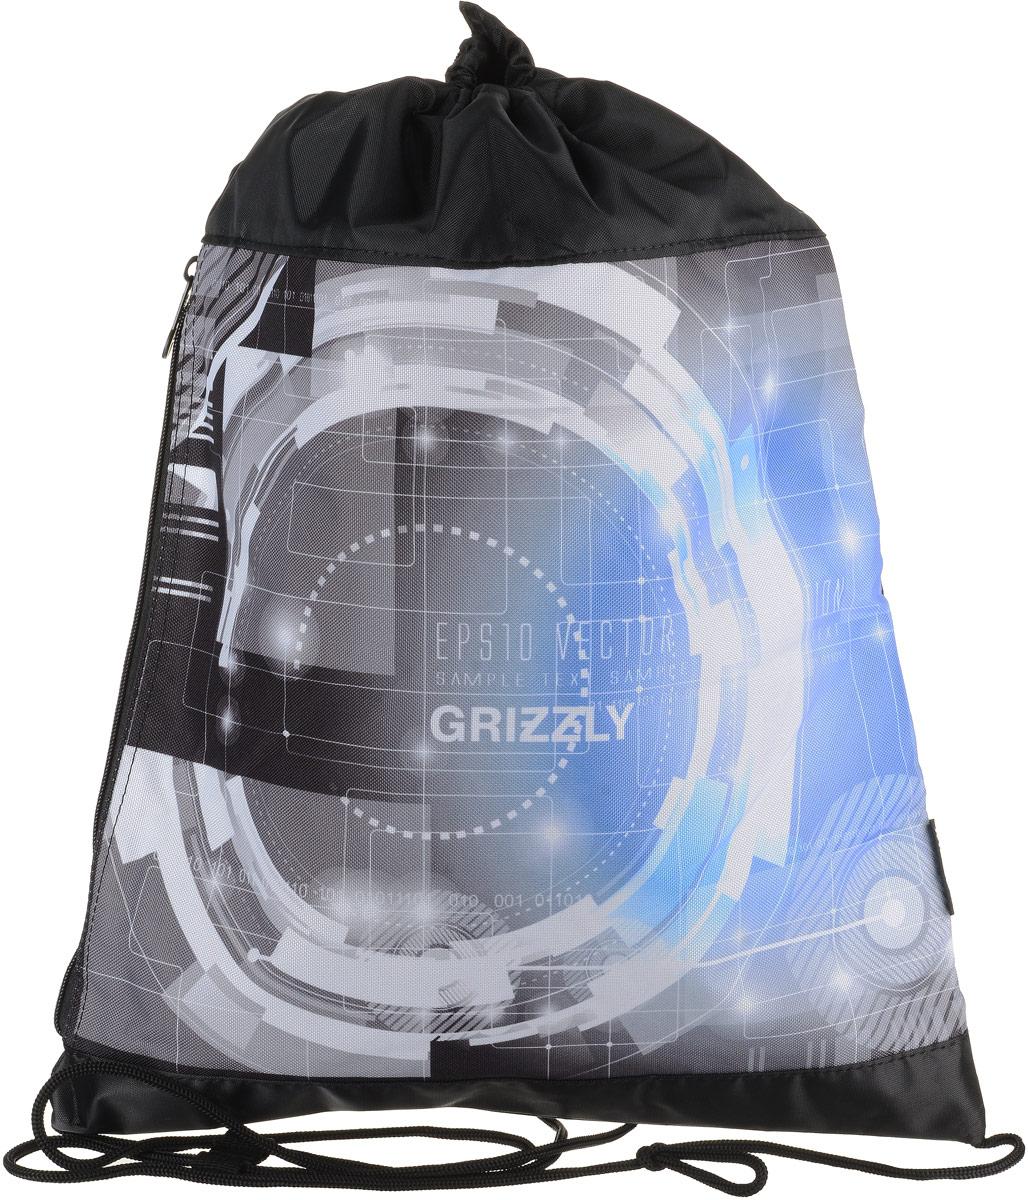 Сумка для сменной обуви и одежды Grizzly, цвет: голубой. OM-792-3/272523WDРюкзак-мешок для обуви с одним отделением и карманом на молнии, верх мешка стягивается шнуром в кулиске, который является еще и лямками, с ручкой-петлей